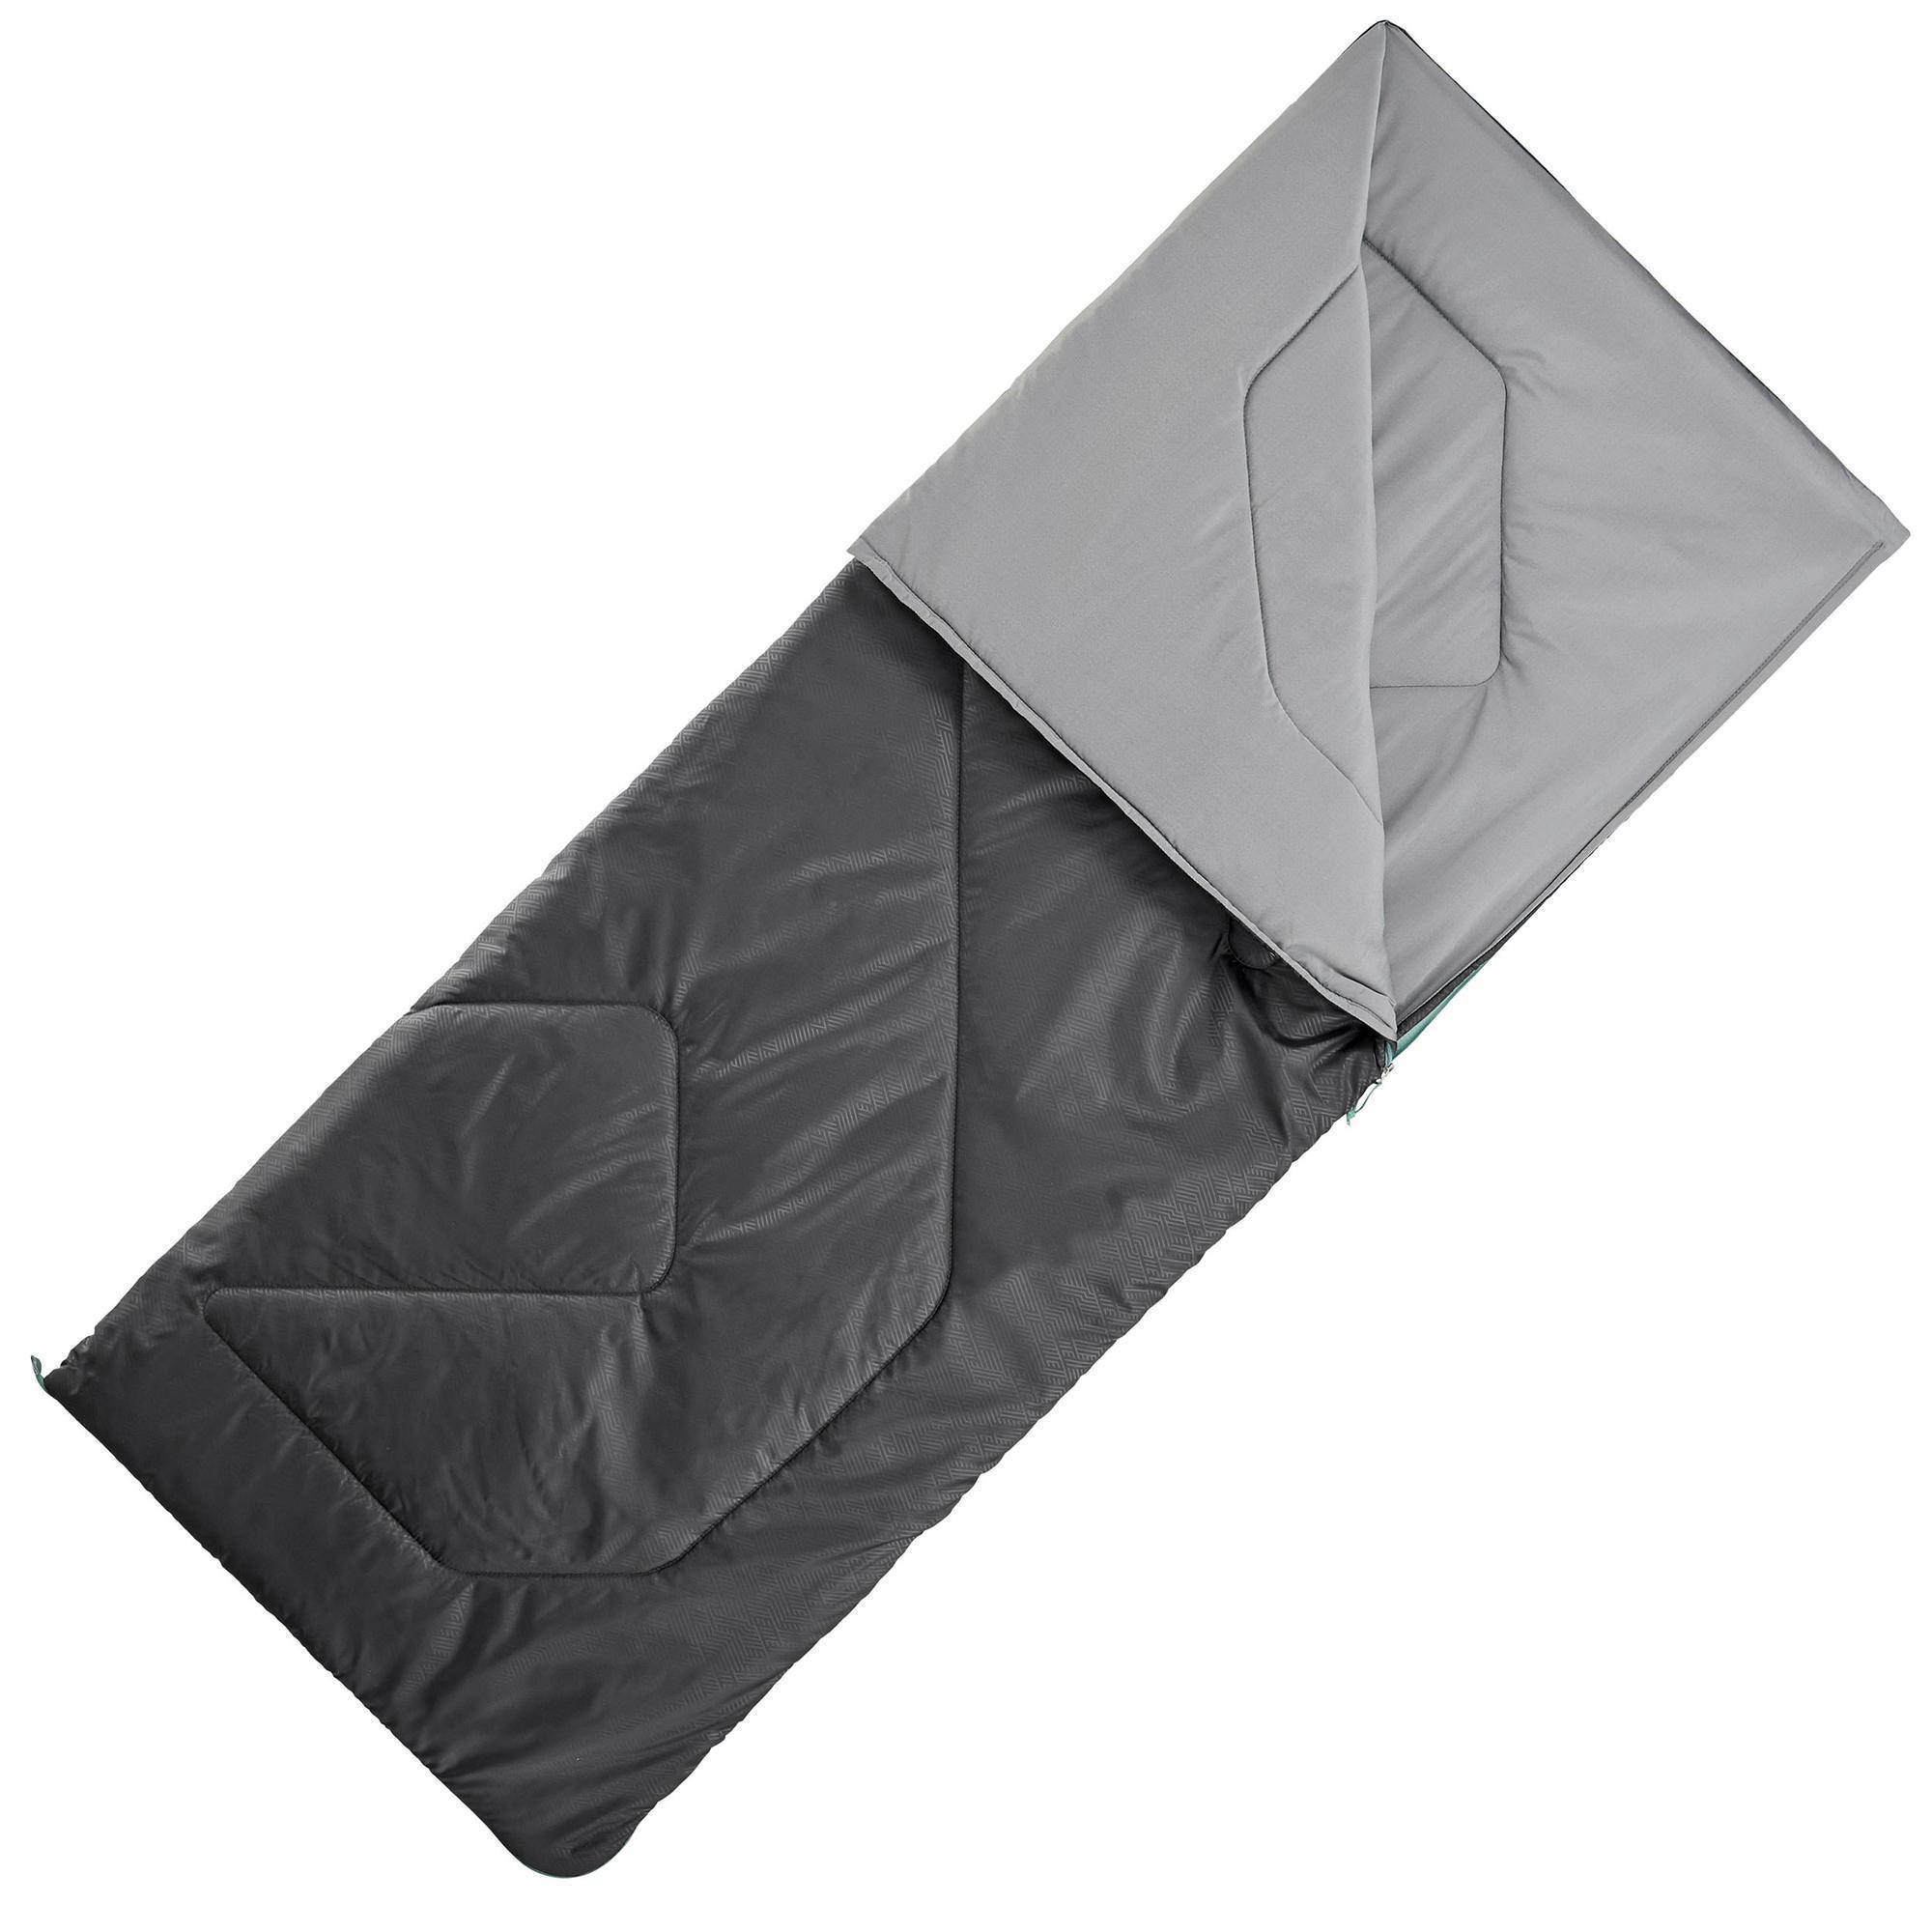 Schlafsack Camping Arpenaz 15°C schwarz